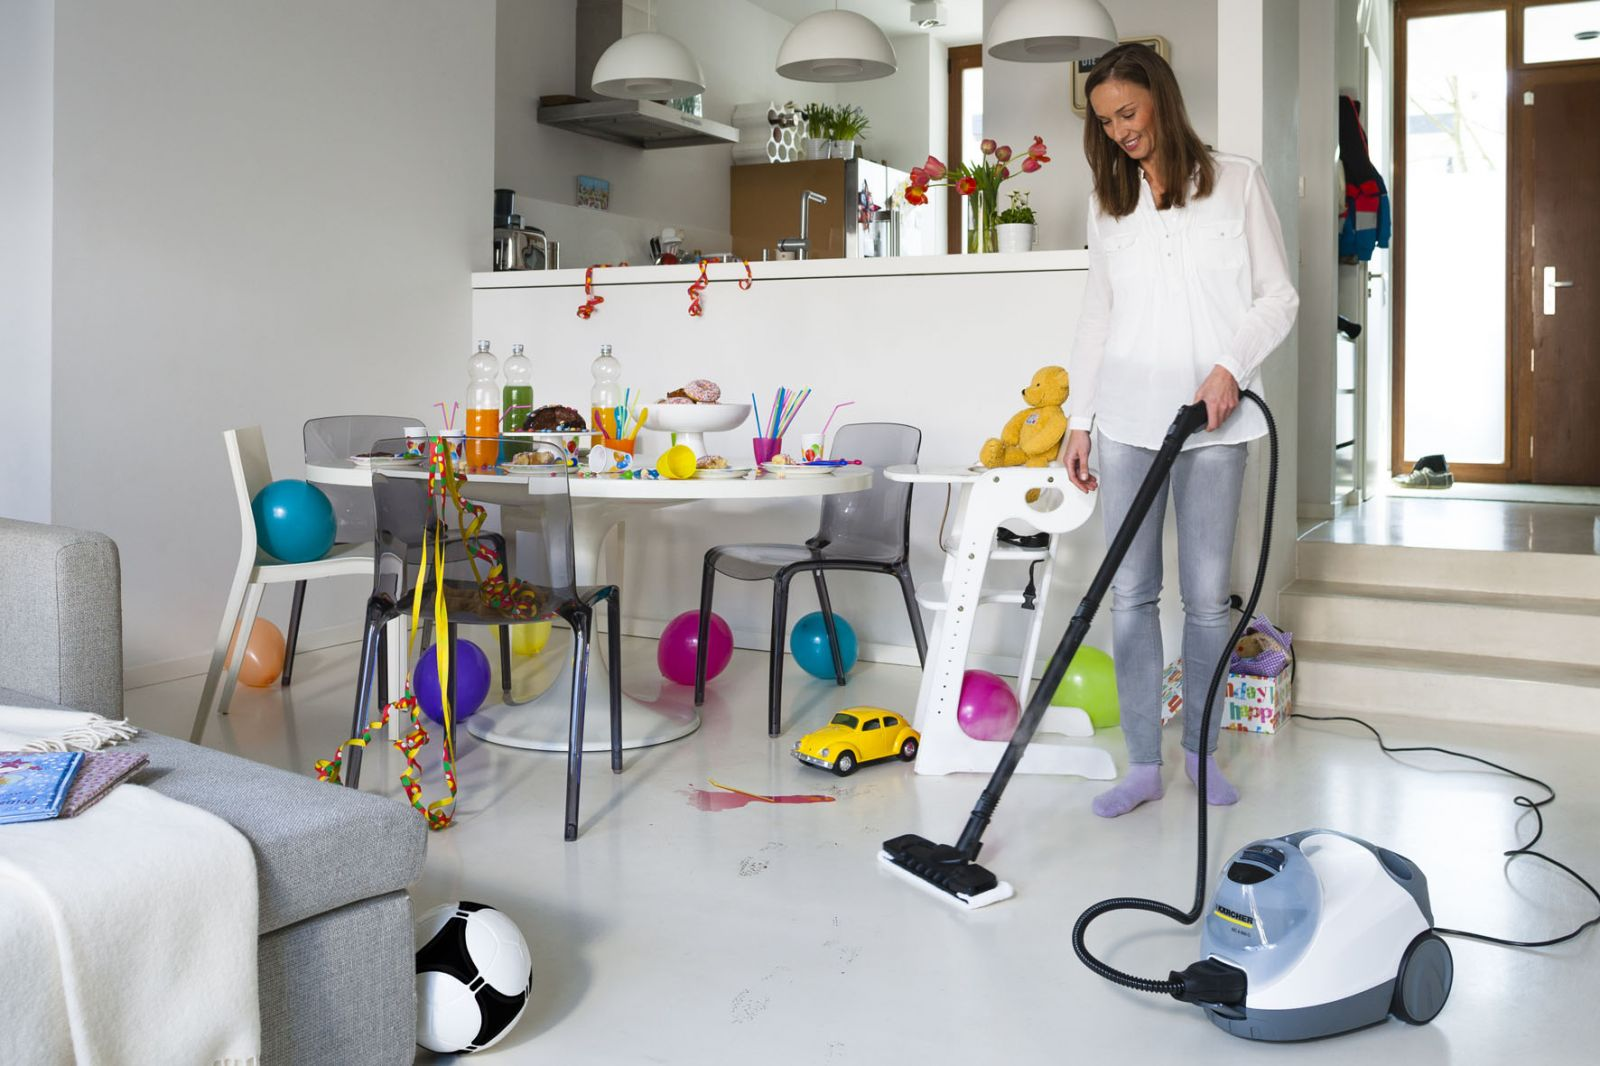 уборка квартиры картинка